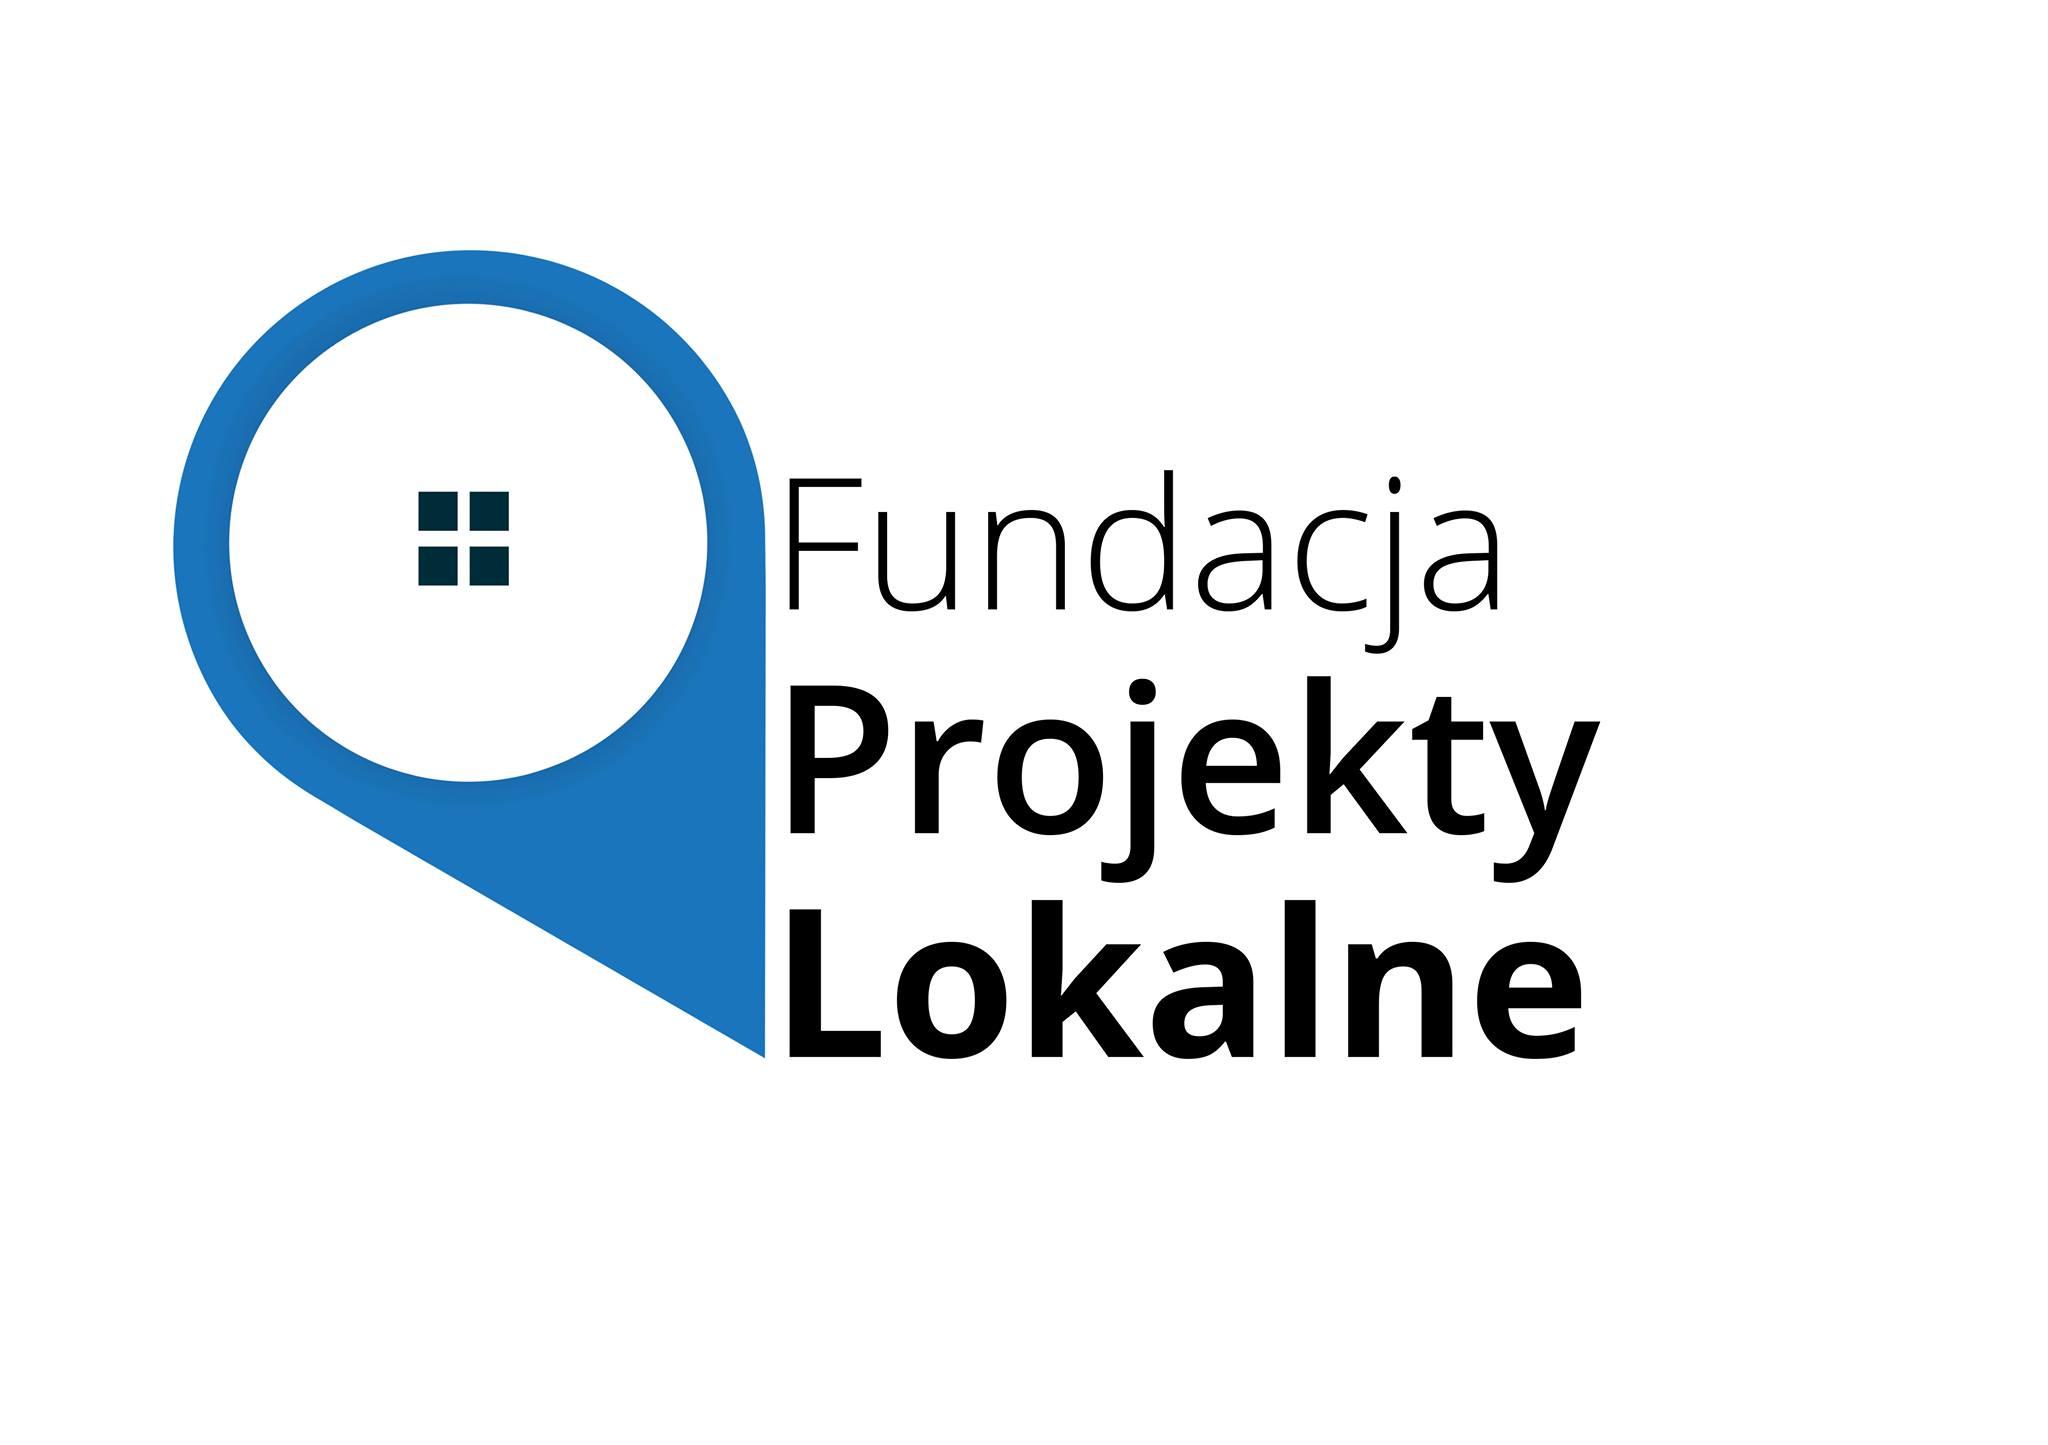 Fundacja Projekty Lokalne